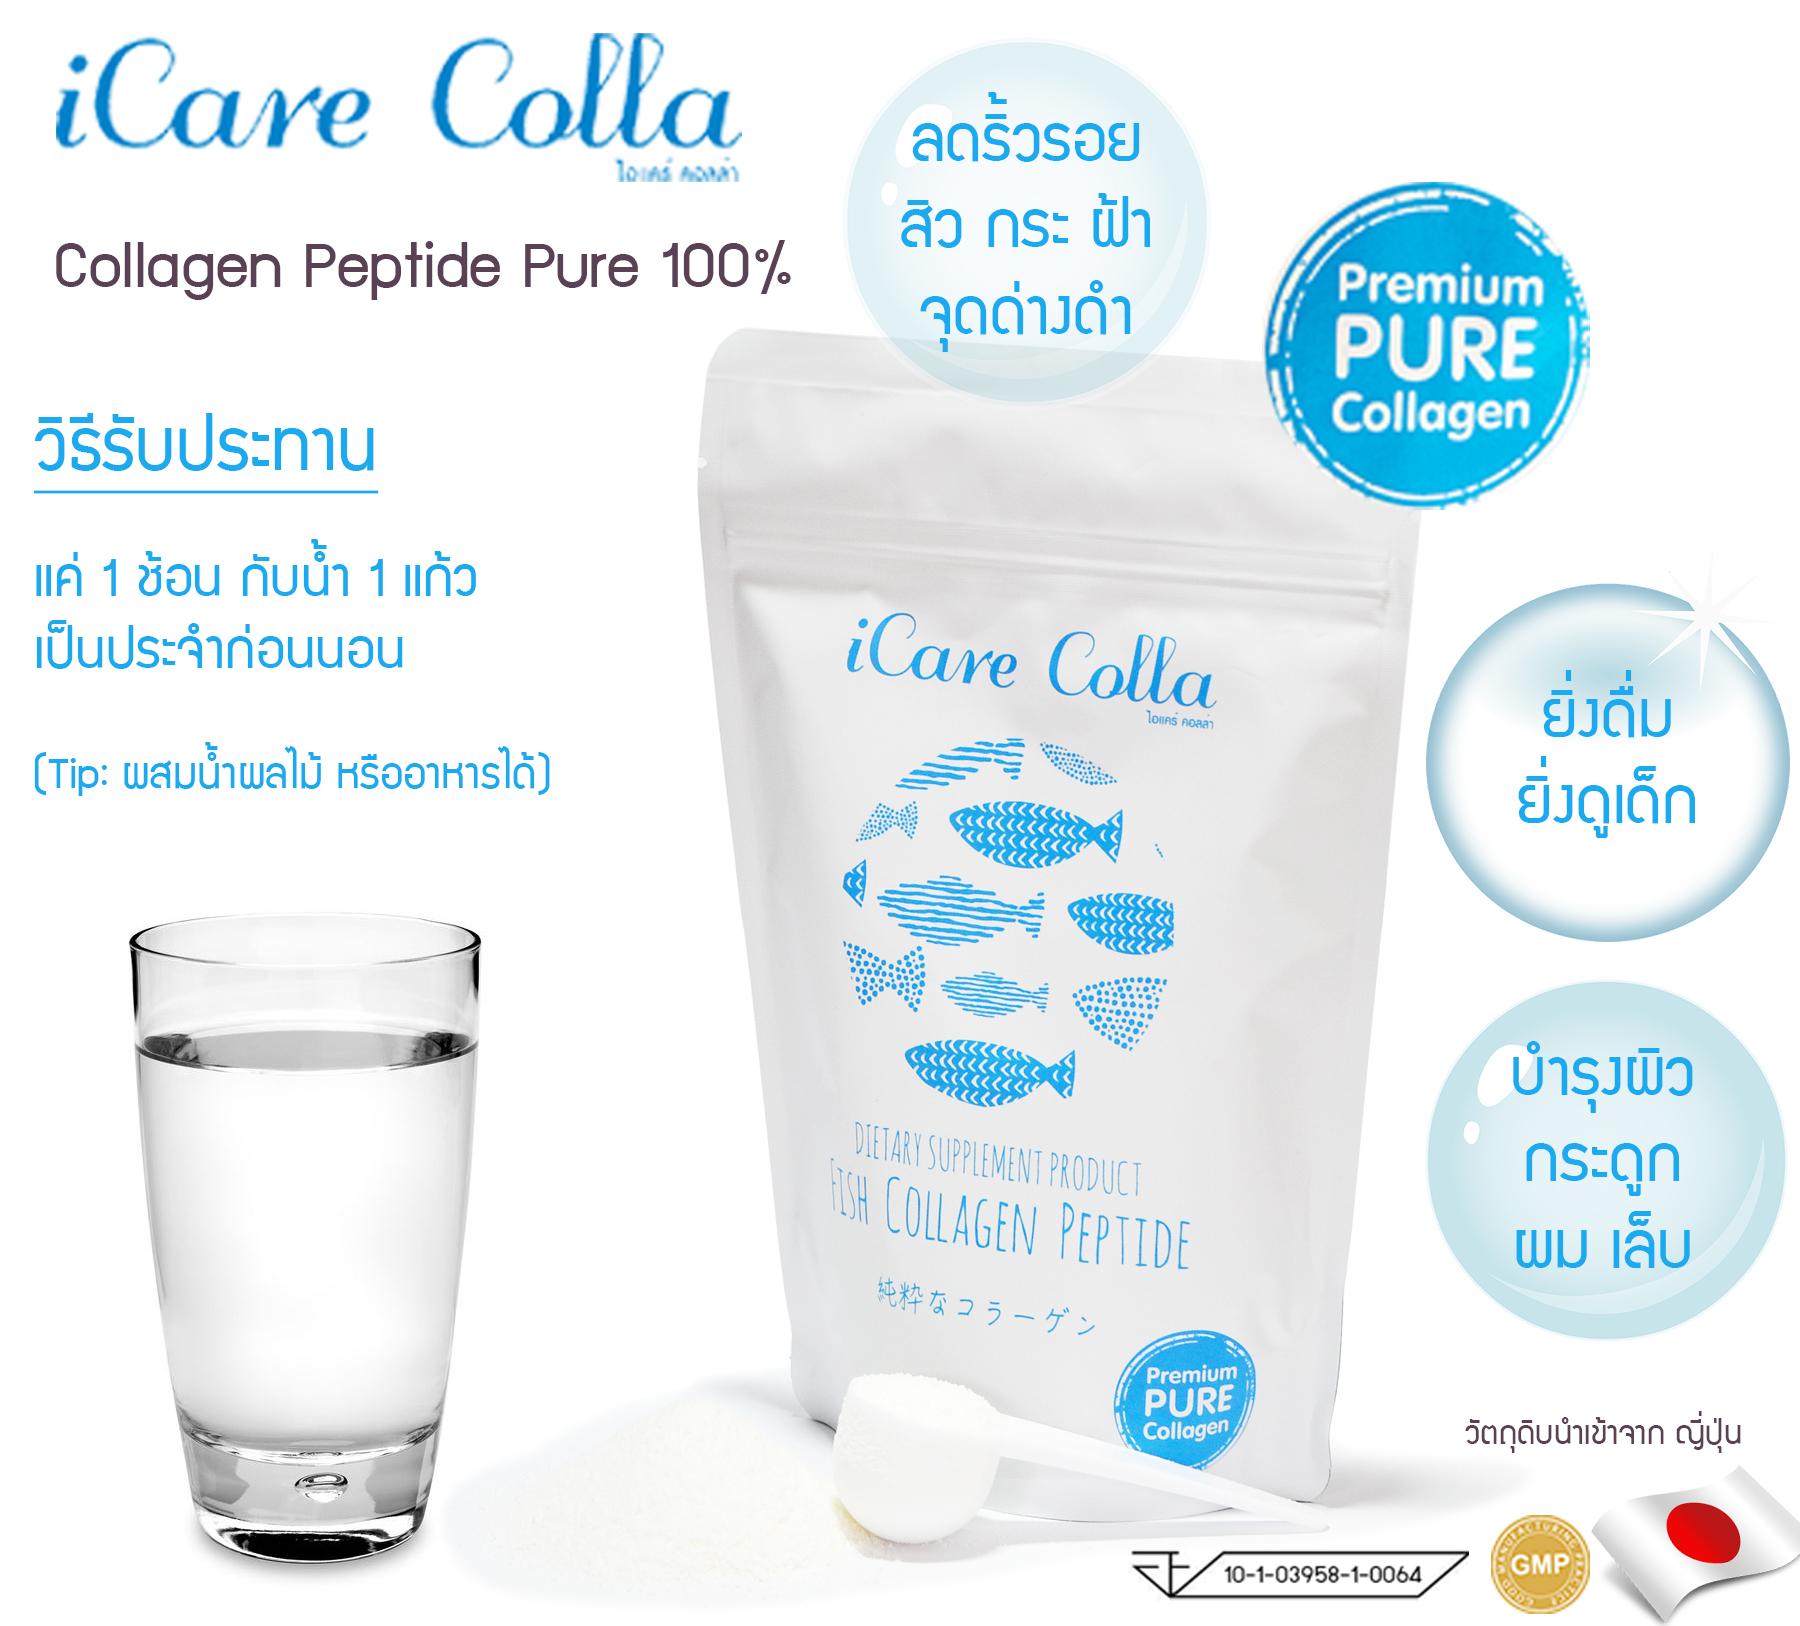 วิธีกิน icare colla